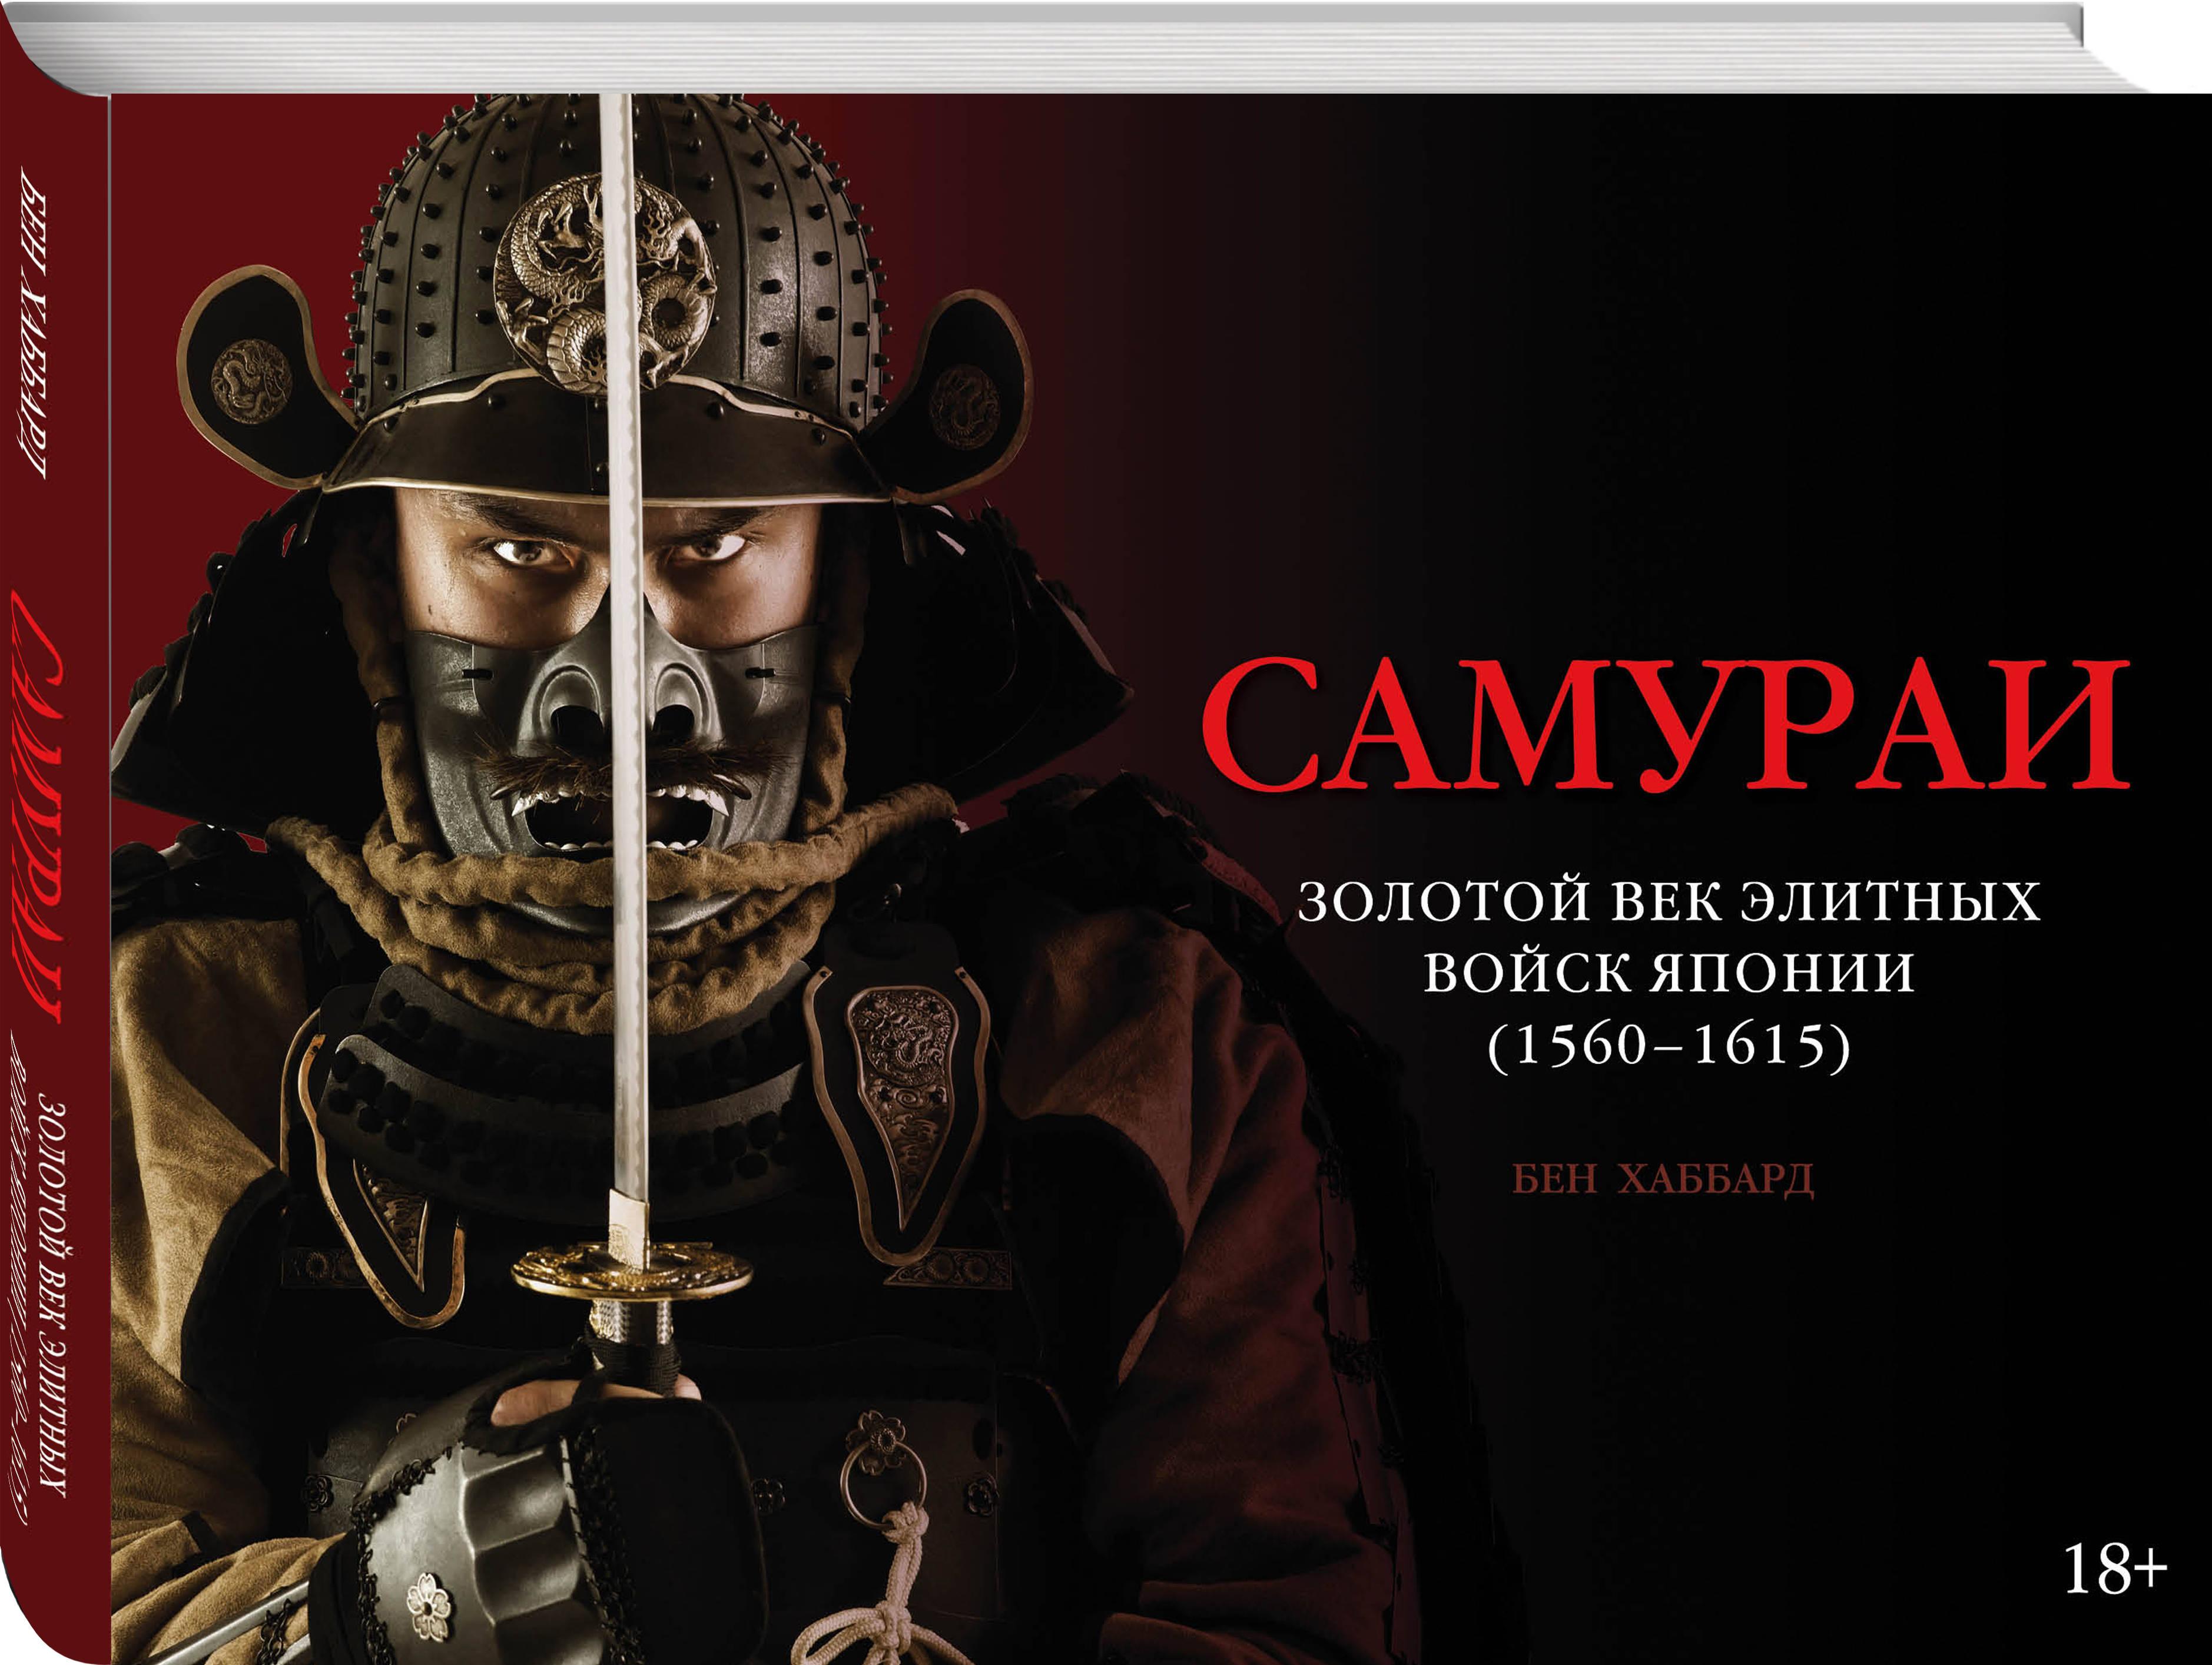 Бен Хаббард Самураи. Золотой век элитных войск Японии (1560-1615)